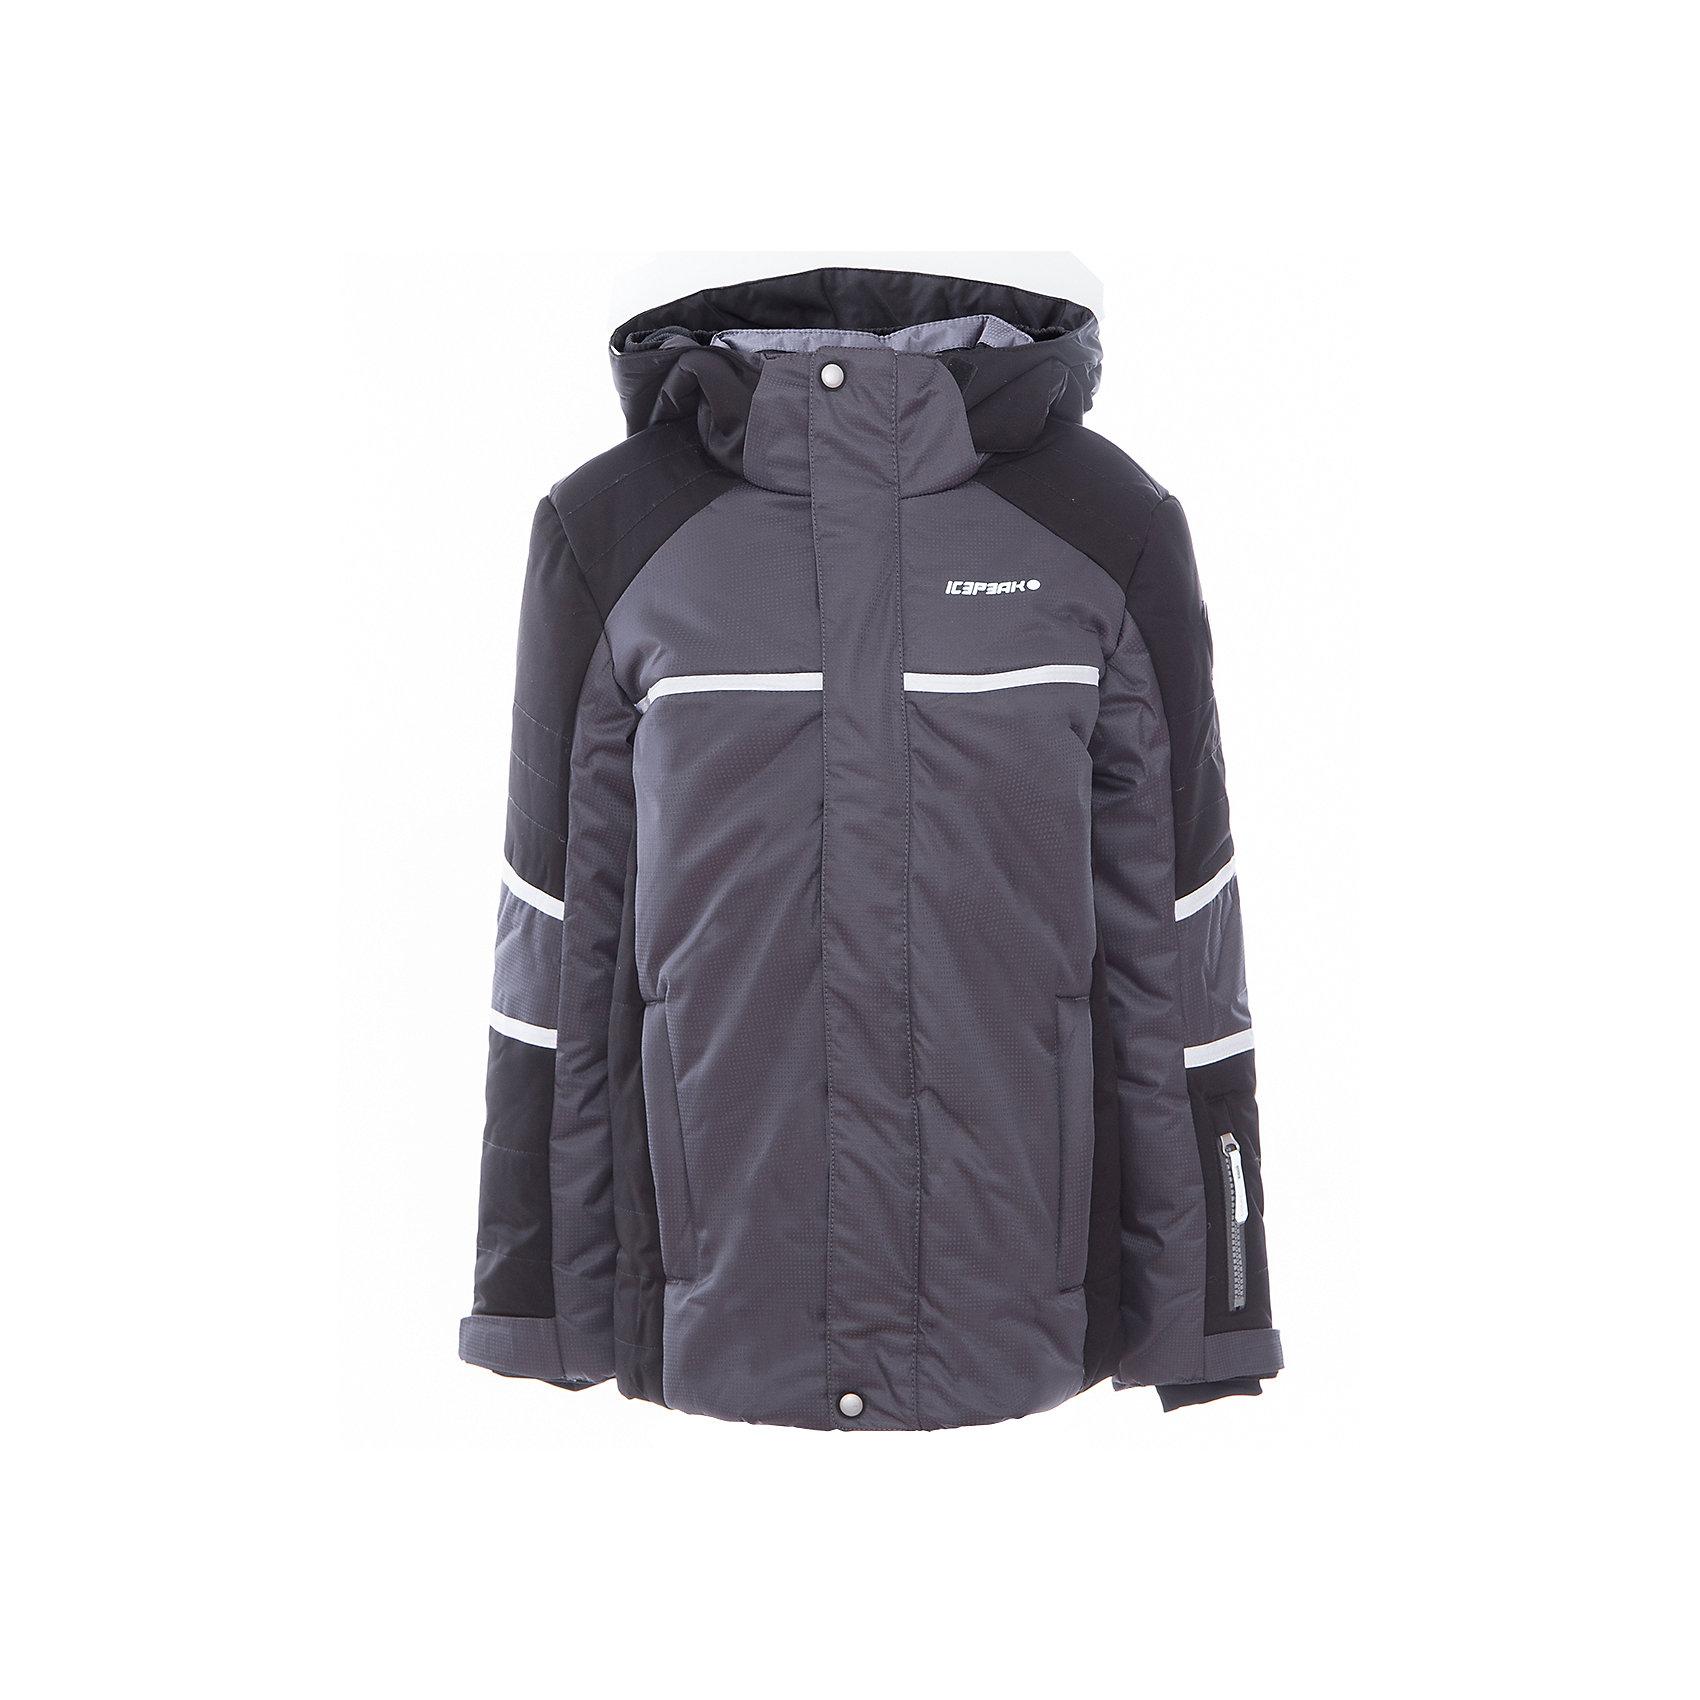 Куртка для мальчика ICEPEAKОдежда<br>Куртка для мальчика от известного бренда ICEPEAK.<br>Куртка с отстегивающимся капюшоном, молния закрыта планкой, сформированный локоть, утяжка в нижней части куртки, снегозащитная юбка, регулируемый манжет на липучке, эластичный внутренний манжет с прорезью для пальца, утепленные и мягкие боковые карманы на молнии, карман для ski pass, мягкий и теплый внутренний воротник, светоотражающие элементы, утеплитель искусственный пух Finnwad, утепление 190/110 гр., рекомендуемый температурный режим до -25 град.<br>Состав:<br>100% полиэстер<br><br>Ширина мм: 356<br>Глубина мм: 10<br>Высота мм: 245<br>Вес г: 519<br>Цвет: серый<br>Возраст от месяцев: 84<br>Возраст до месяцев: 96<br>Пол: Мужской<br>Возраст: Детский<br>Размер: 128,176,140,164,152<br>SKU: 5414009